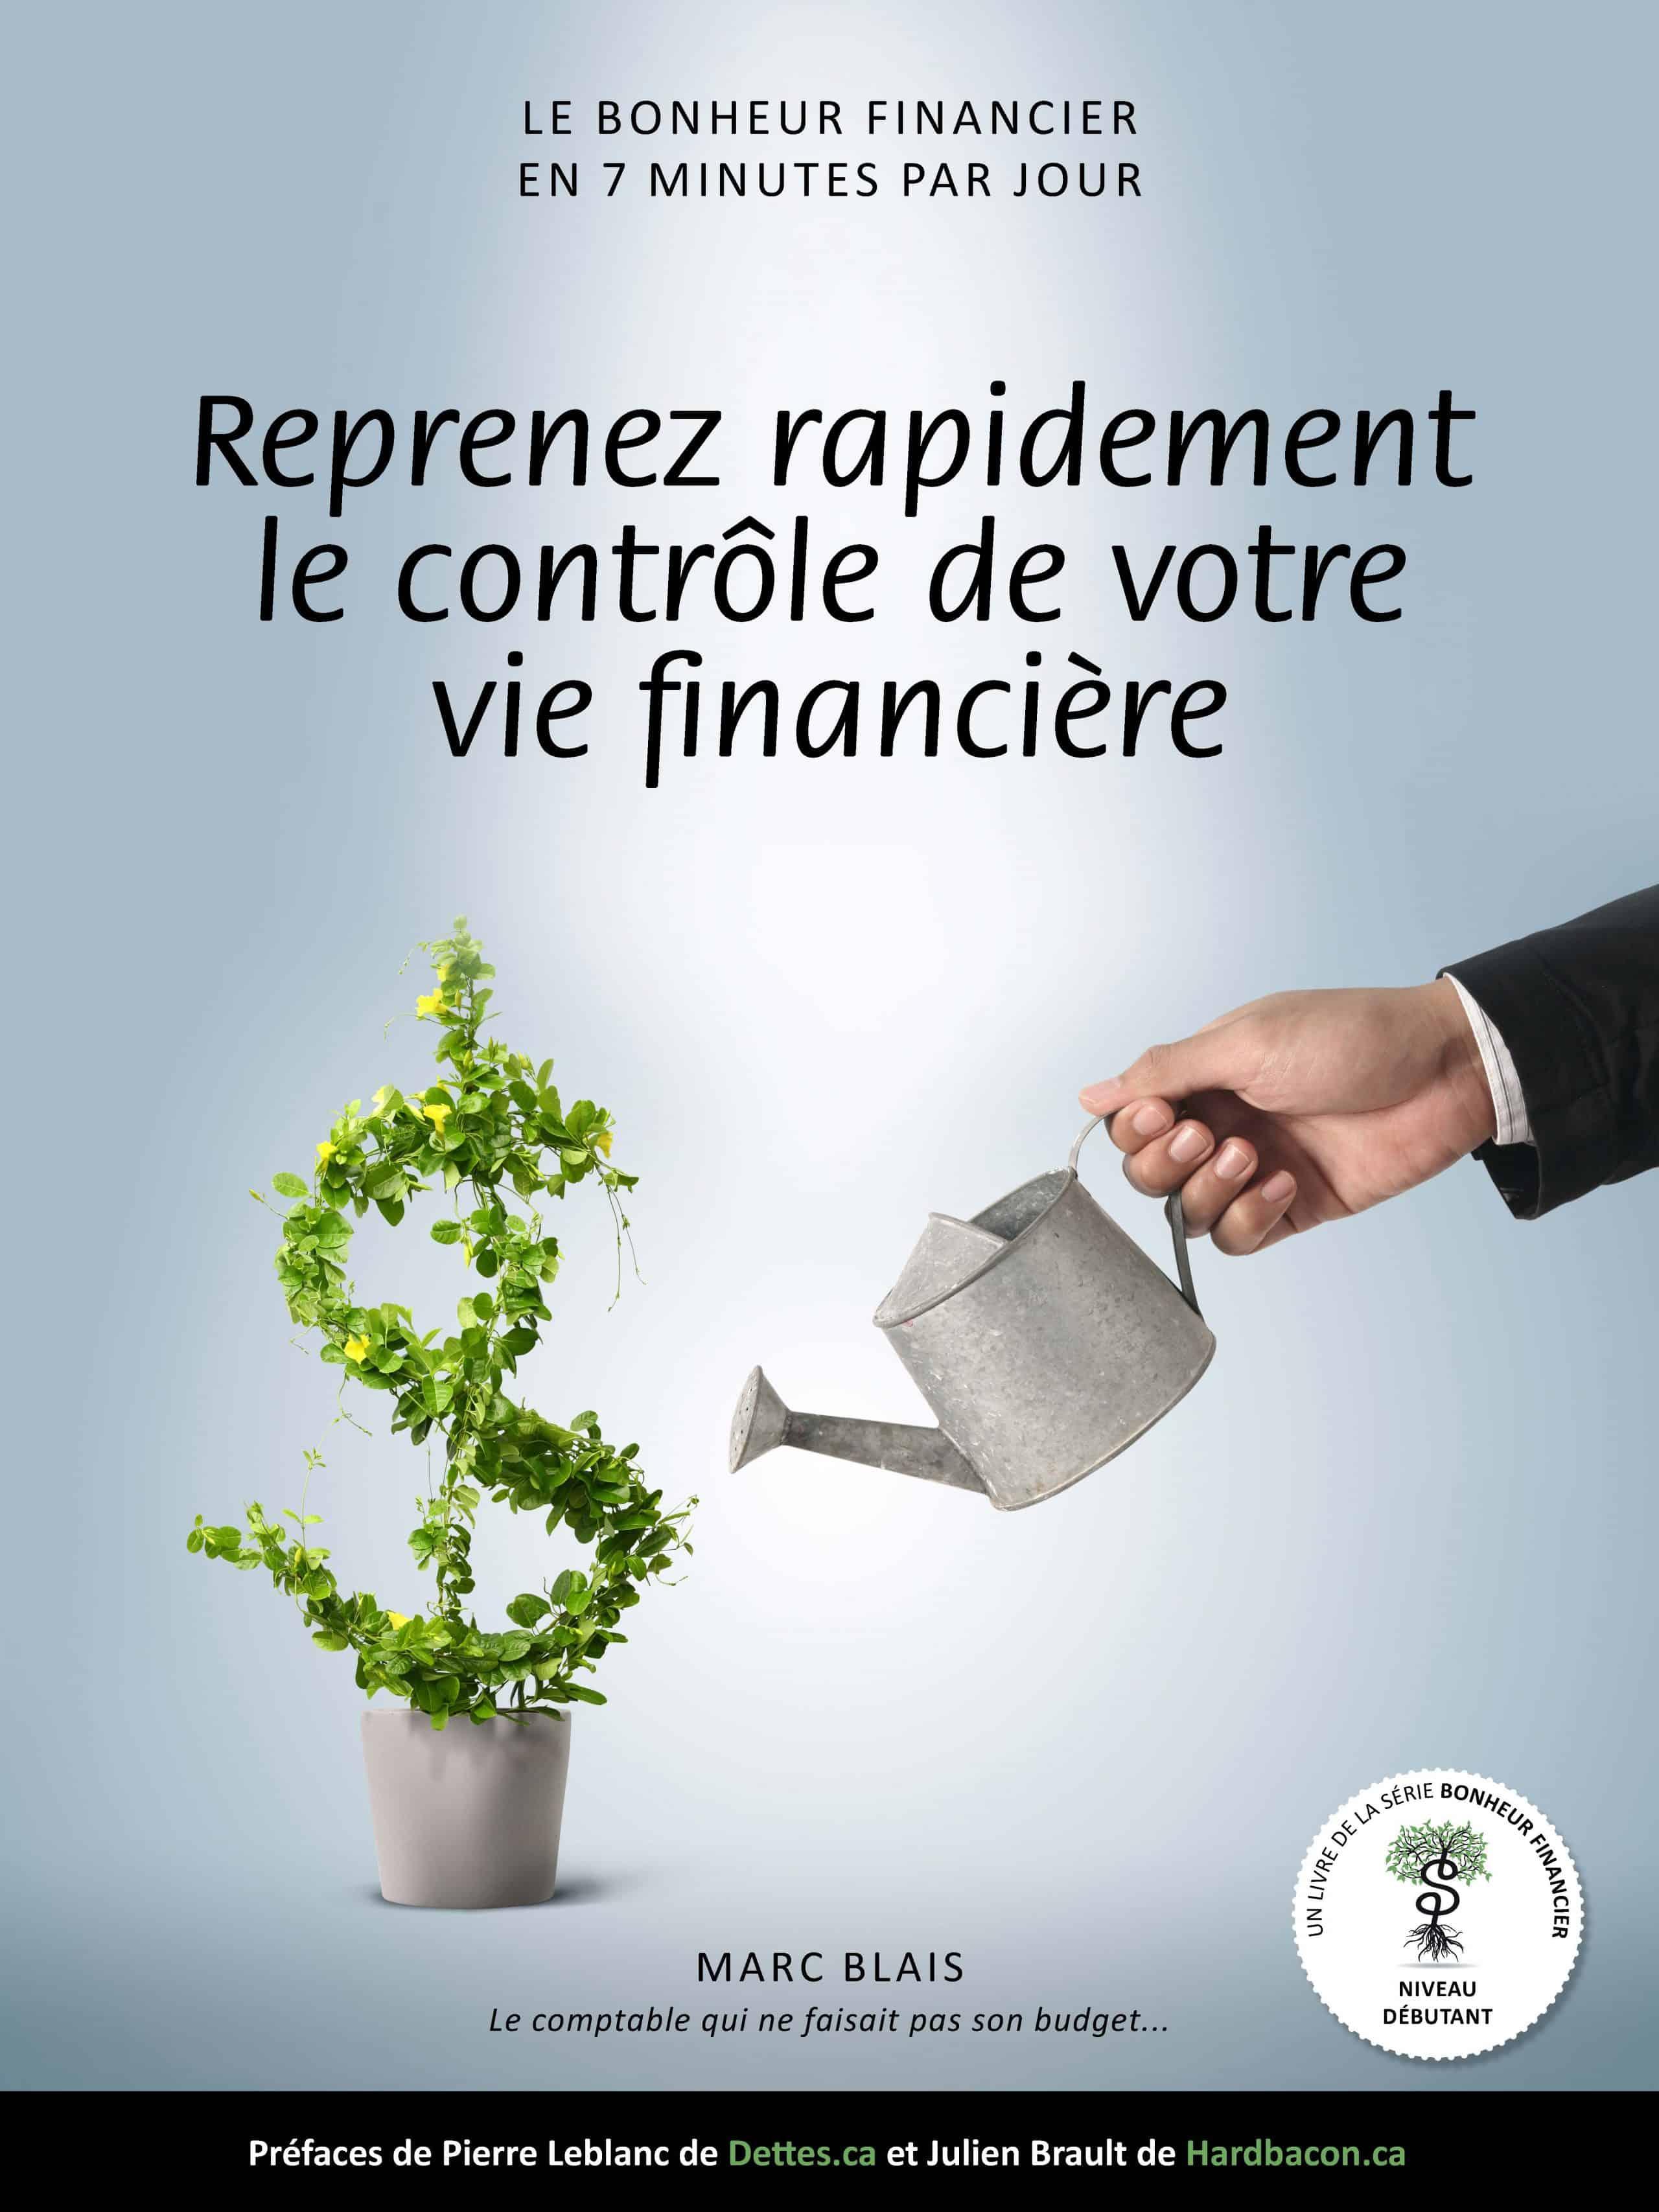 Reprenez le contrôle de votre vie financiere